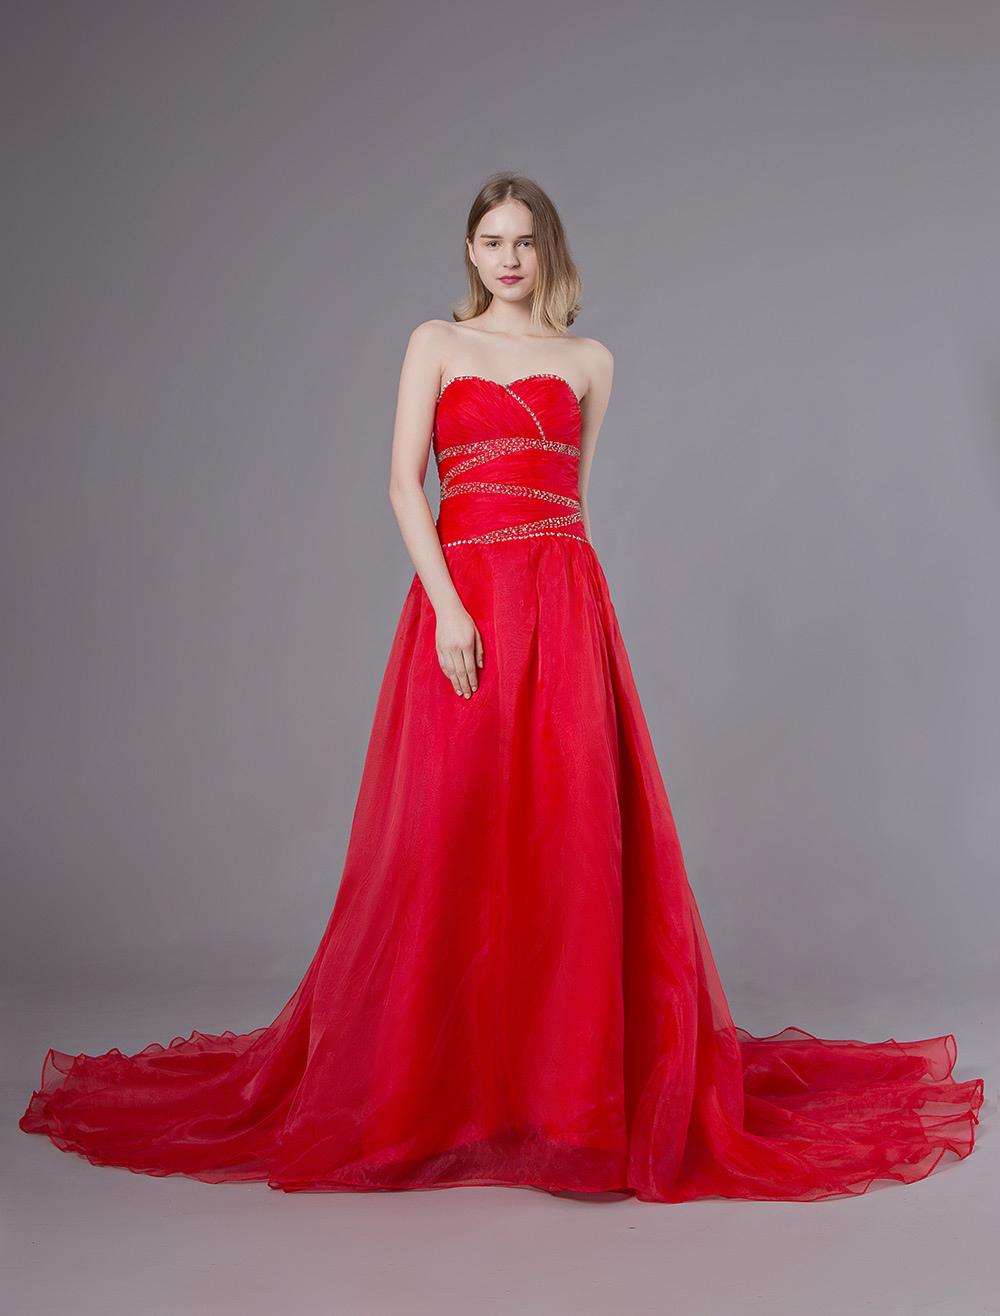 7f2324e1c9dc ... Abiti da sposa rossi Abiti da cerimonia senza spalline in organza con  perline senza spalline- ...